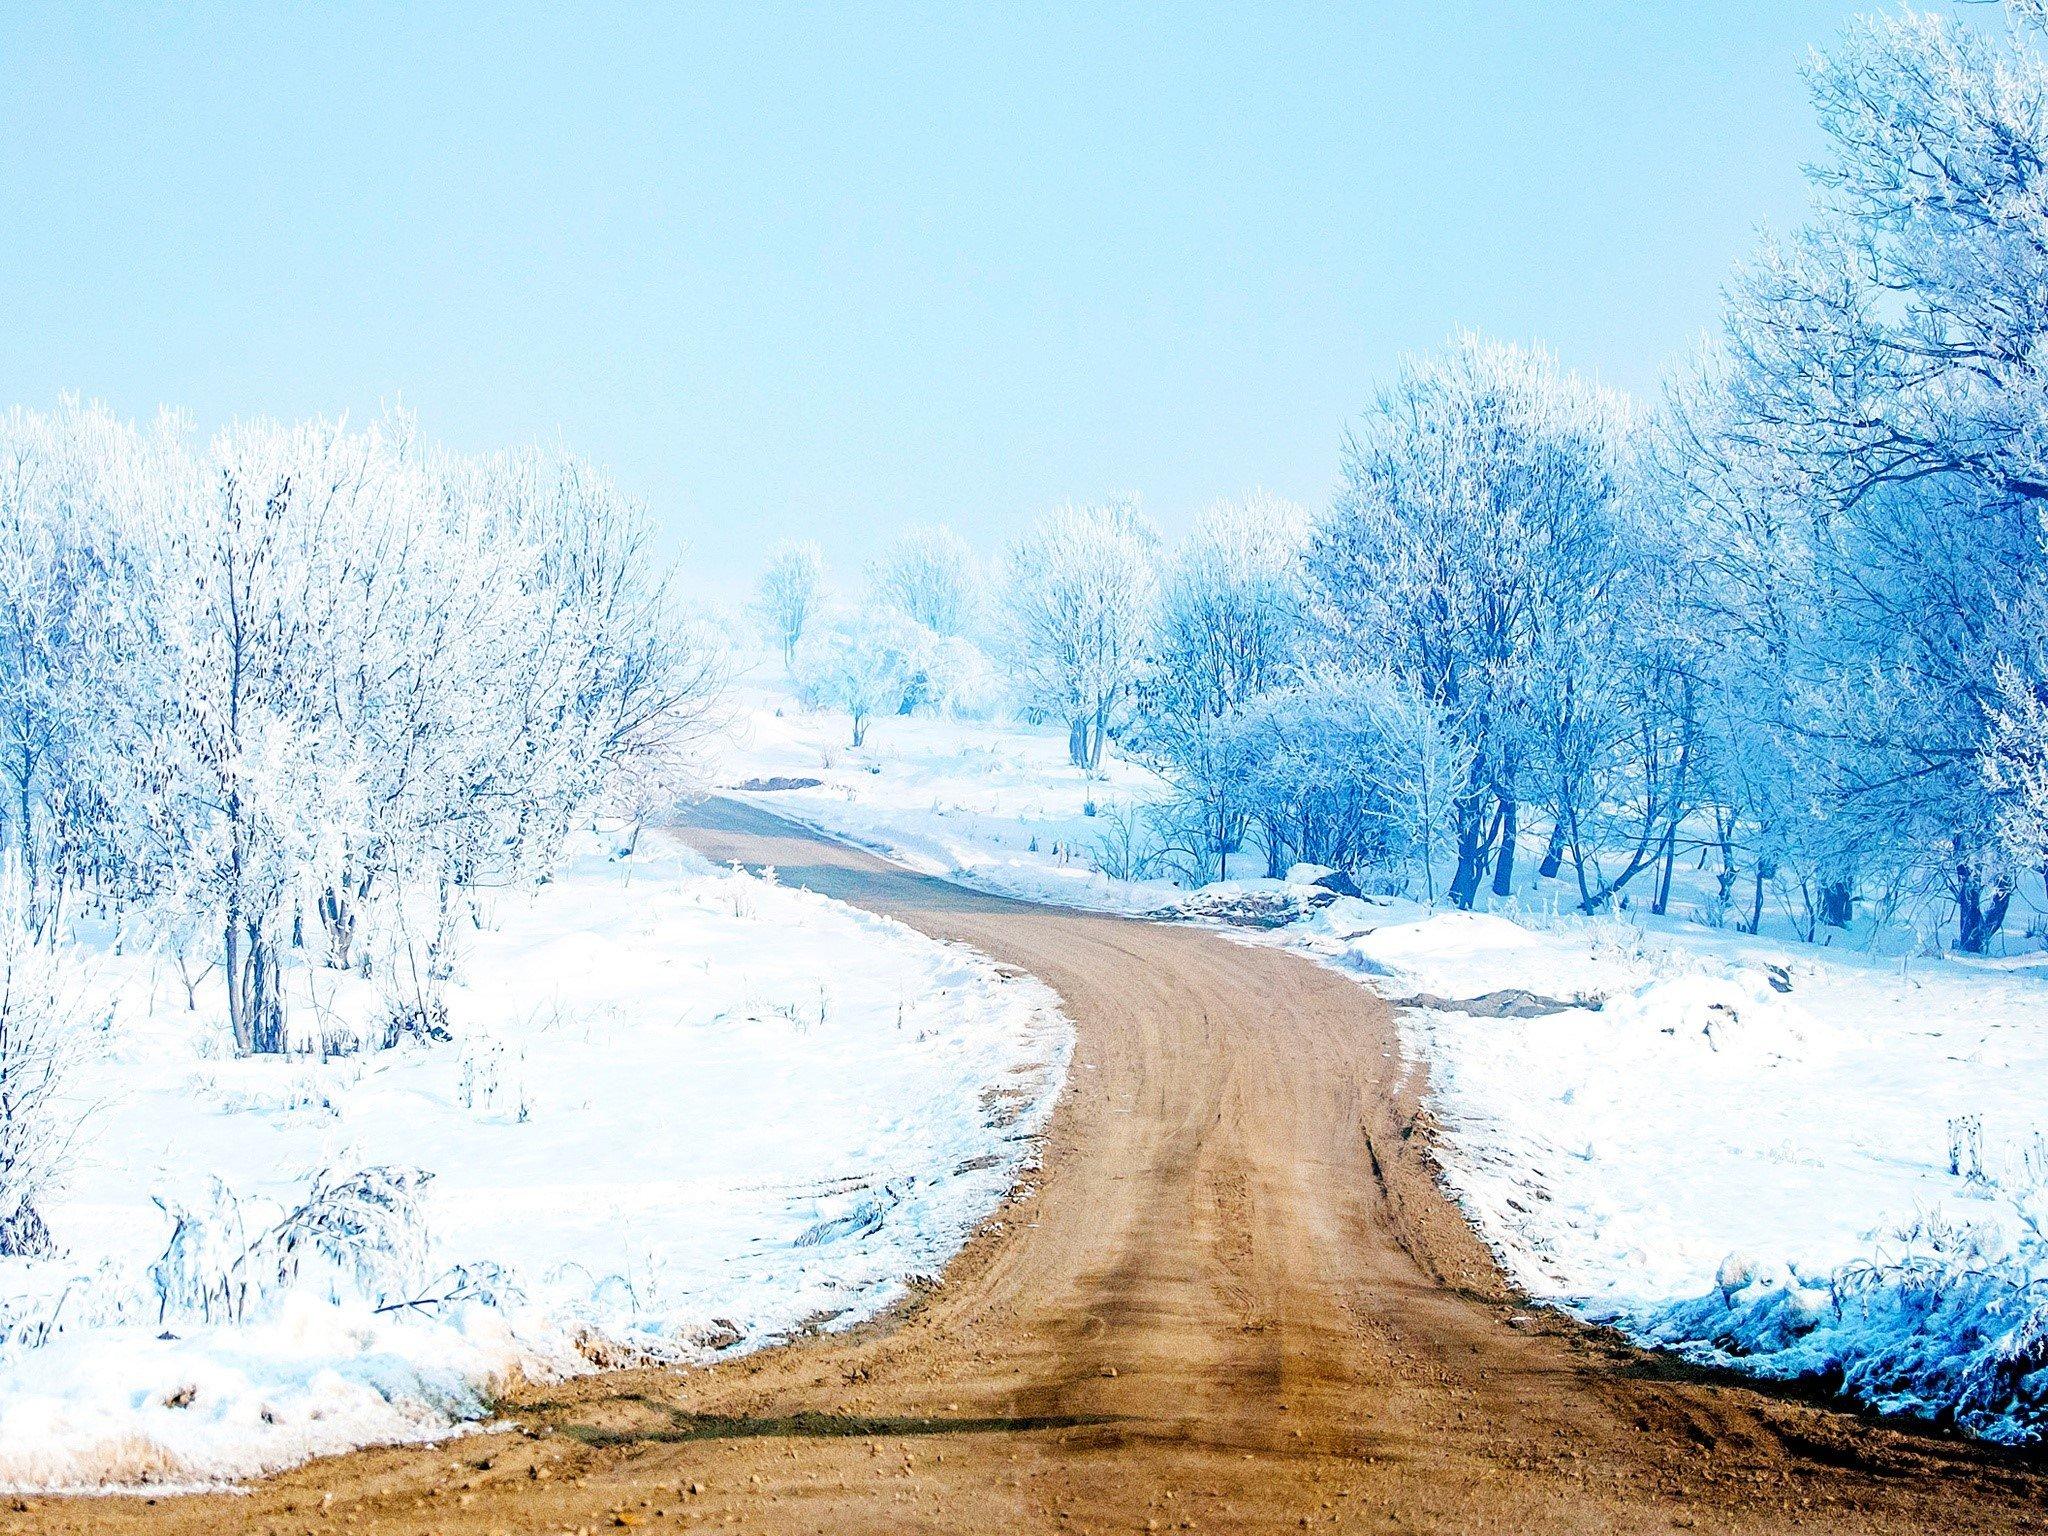 Fondos de pantalla Un camino de nieve